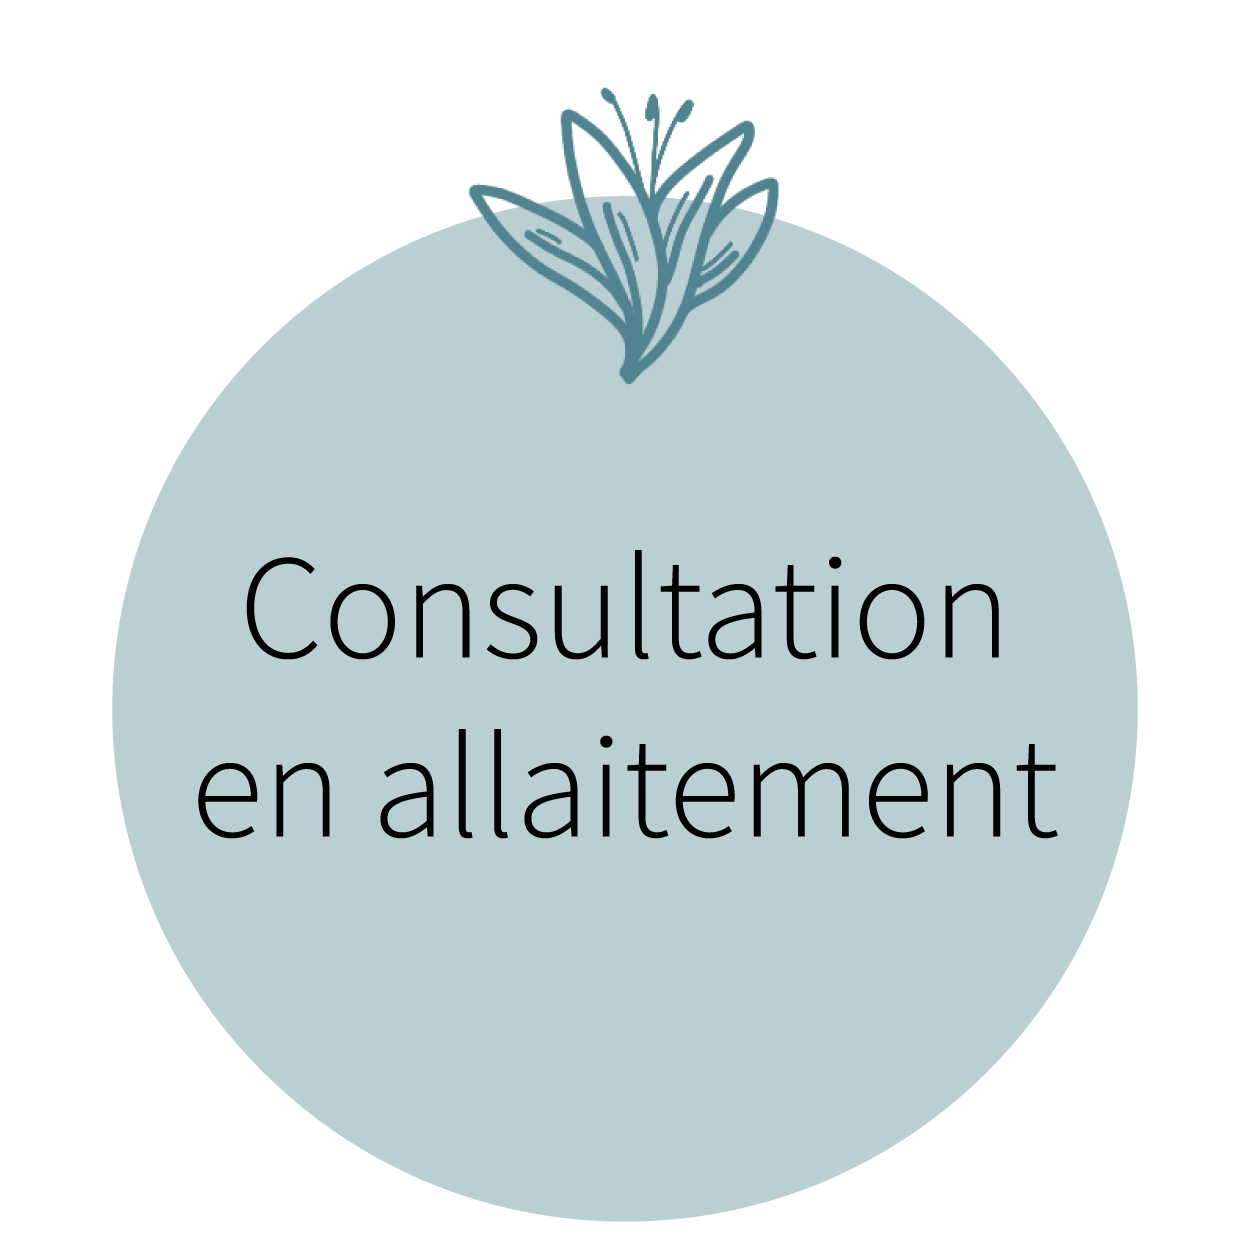 Consultation en allaitement_Plan de travail 1